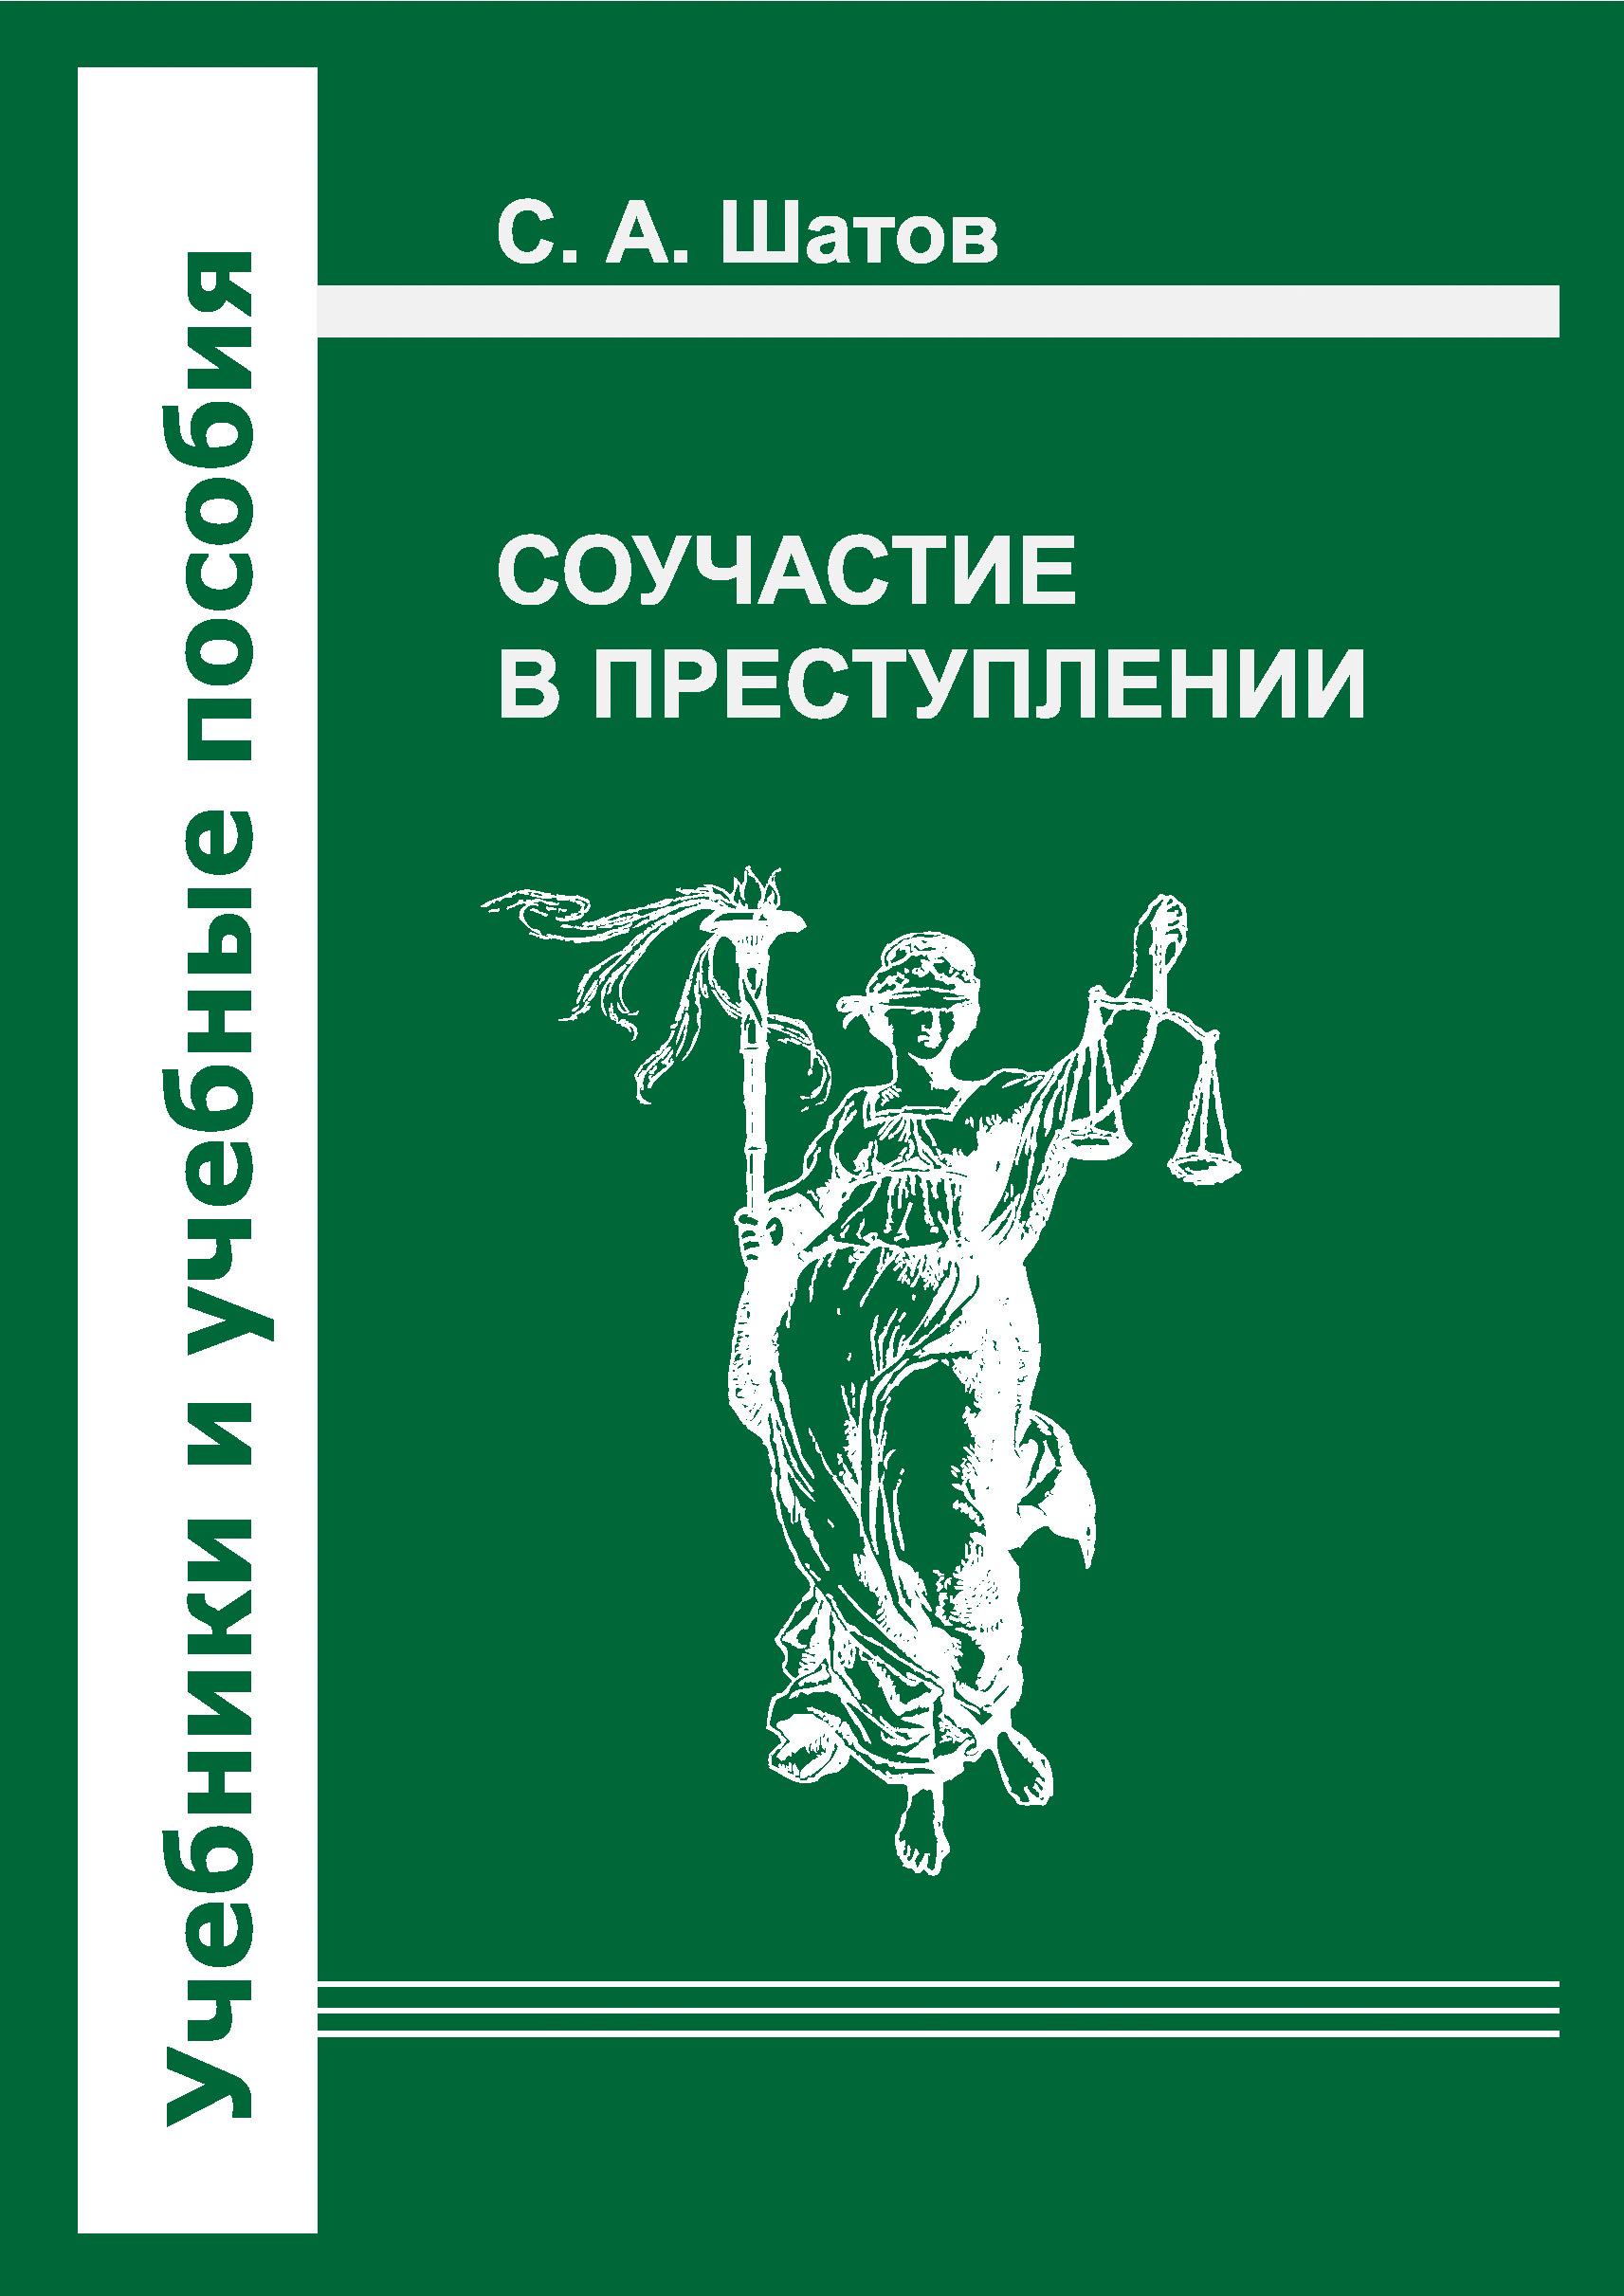 Виды и формы соучастия в преступлении - уголовное право (общая часть) | юрком 74